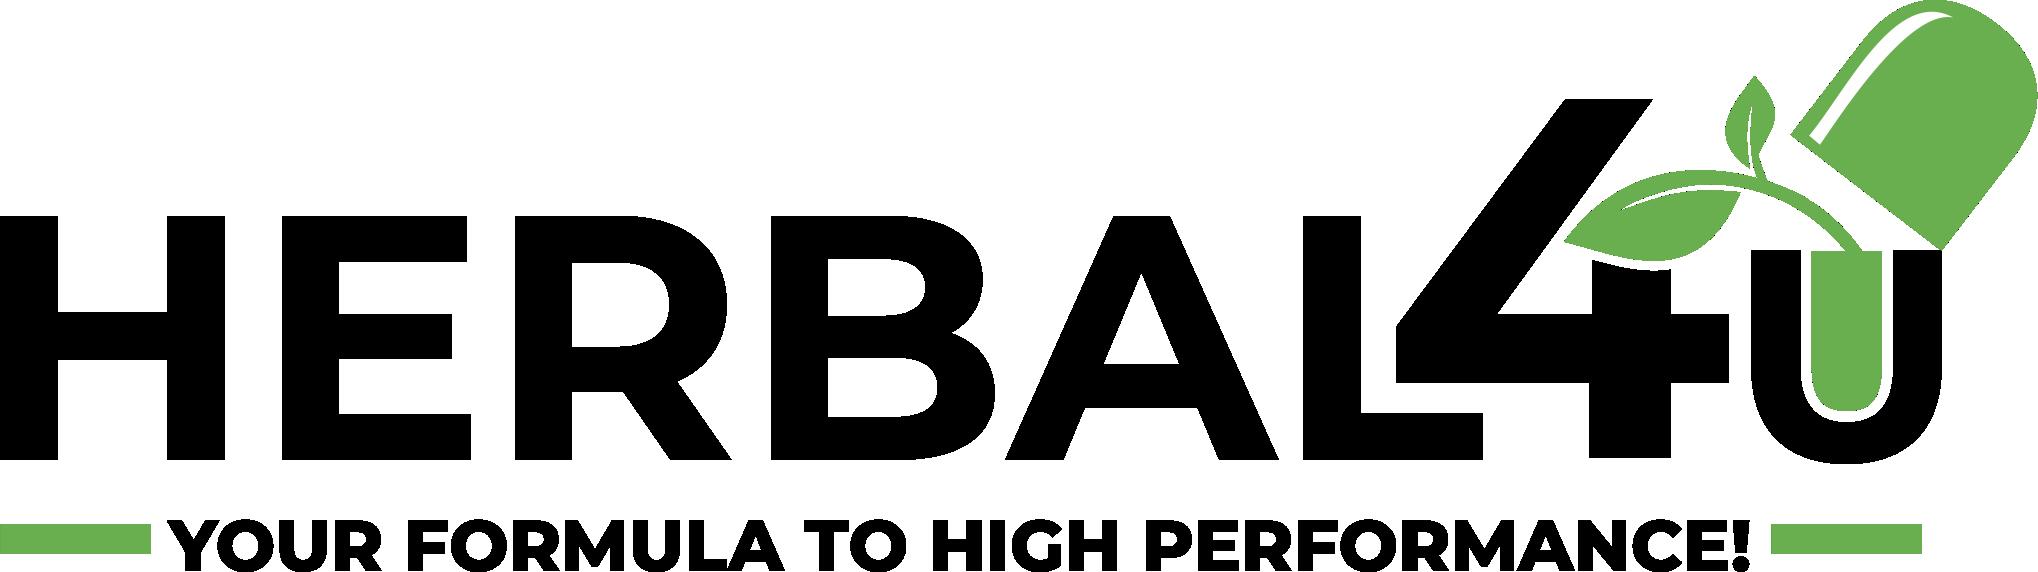 Herbal4U